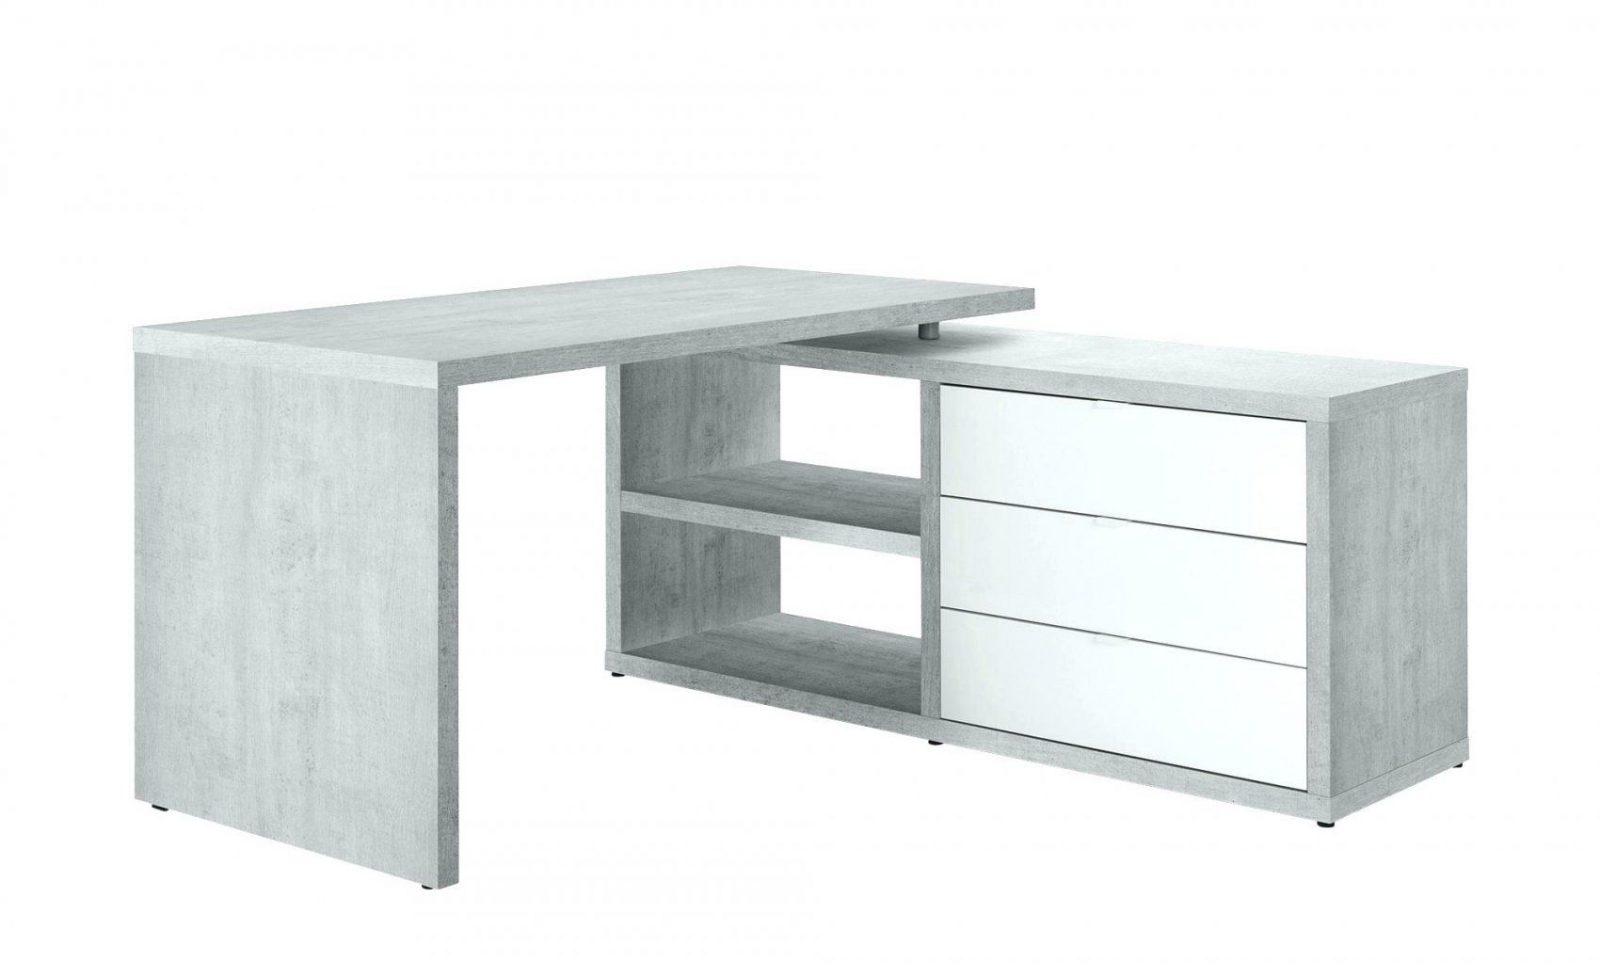 Ecken Schreibtisch Schön Schiebetüren Nach Maß Ikea Hemnes Schrank von Sideboard Mit Schiebetüren Ikea Bild